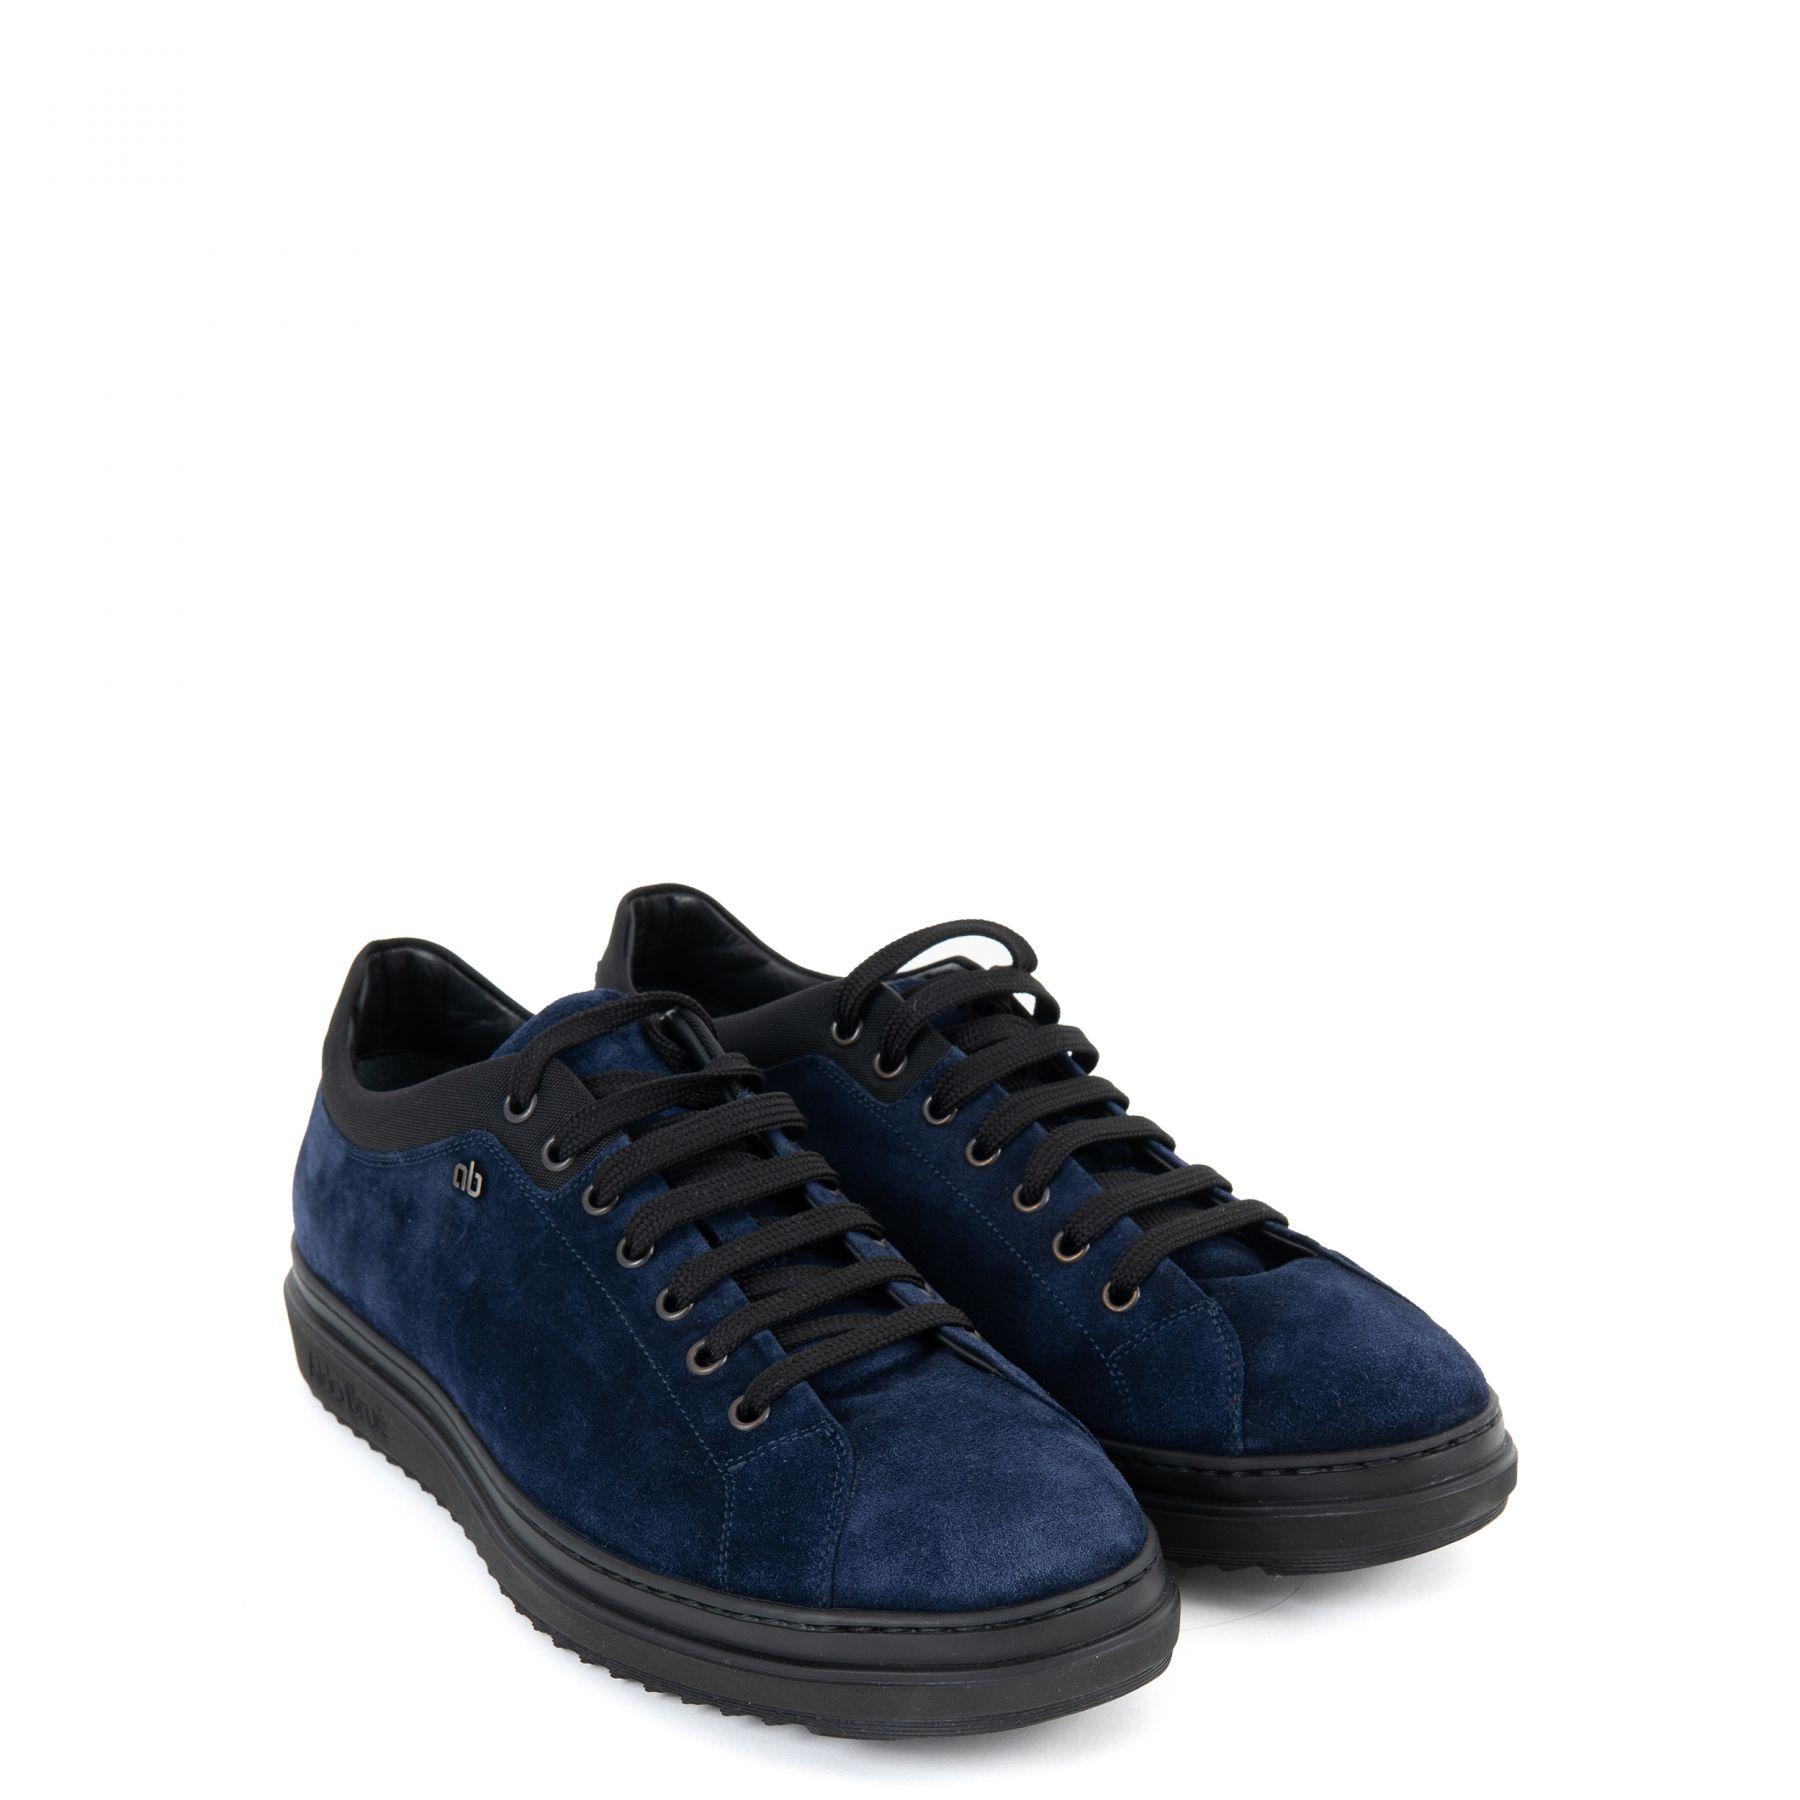 Сникеры Aldo Brue темно-синие